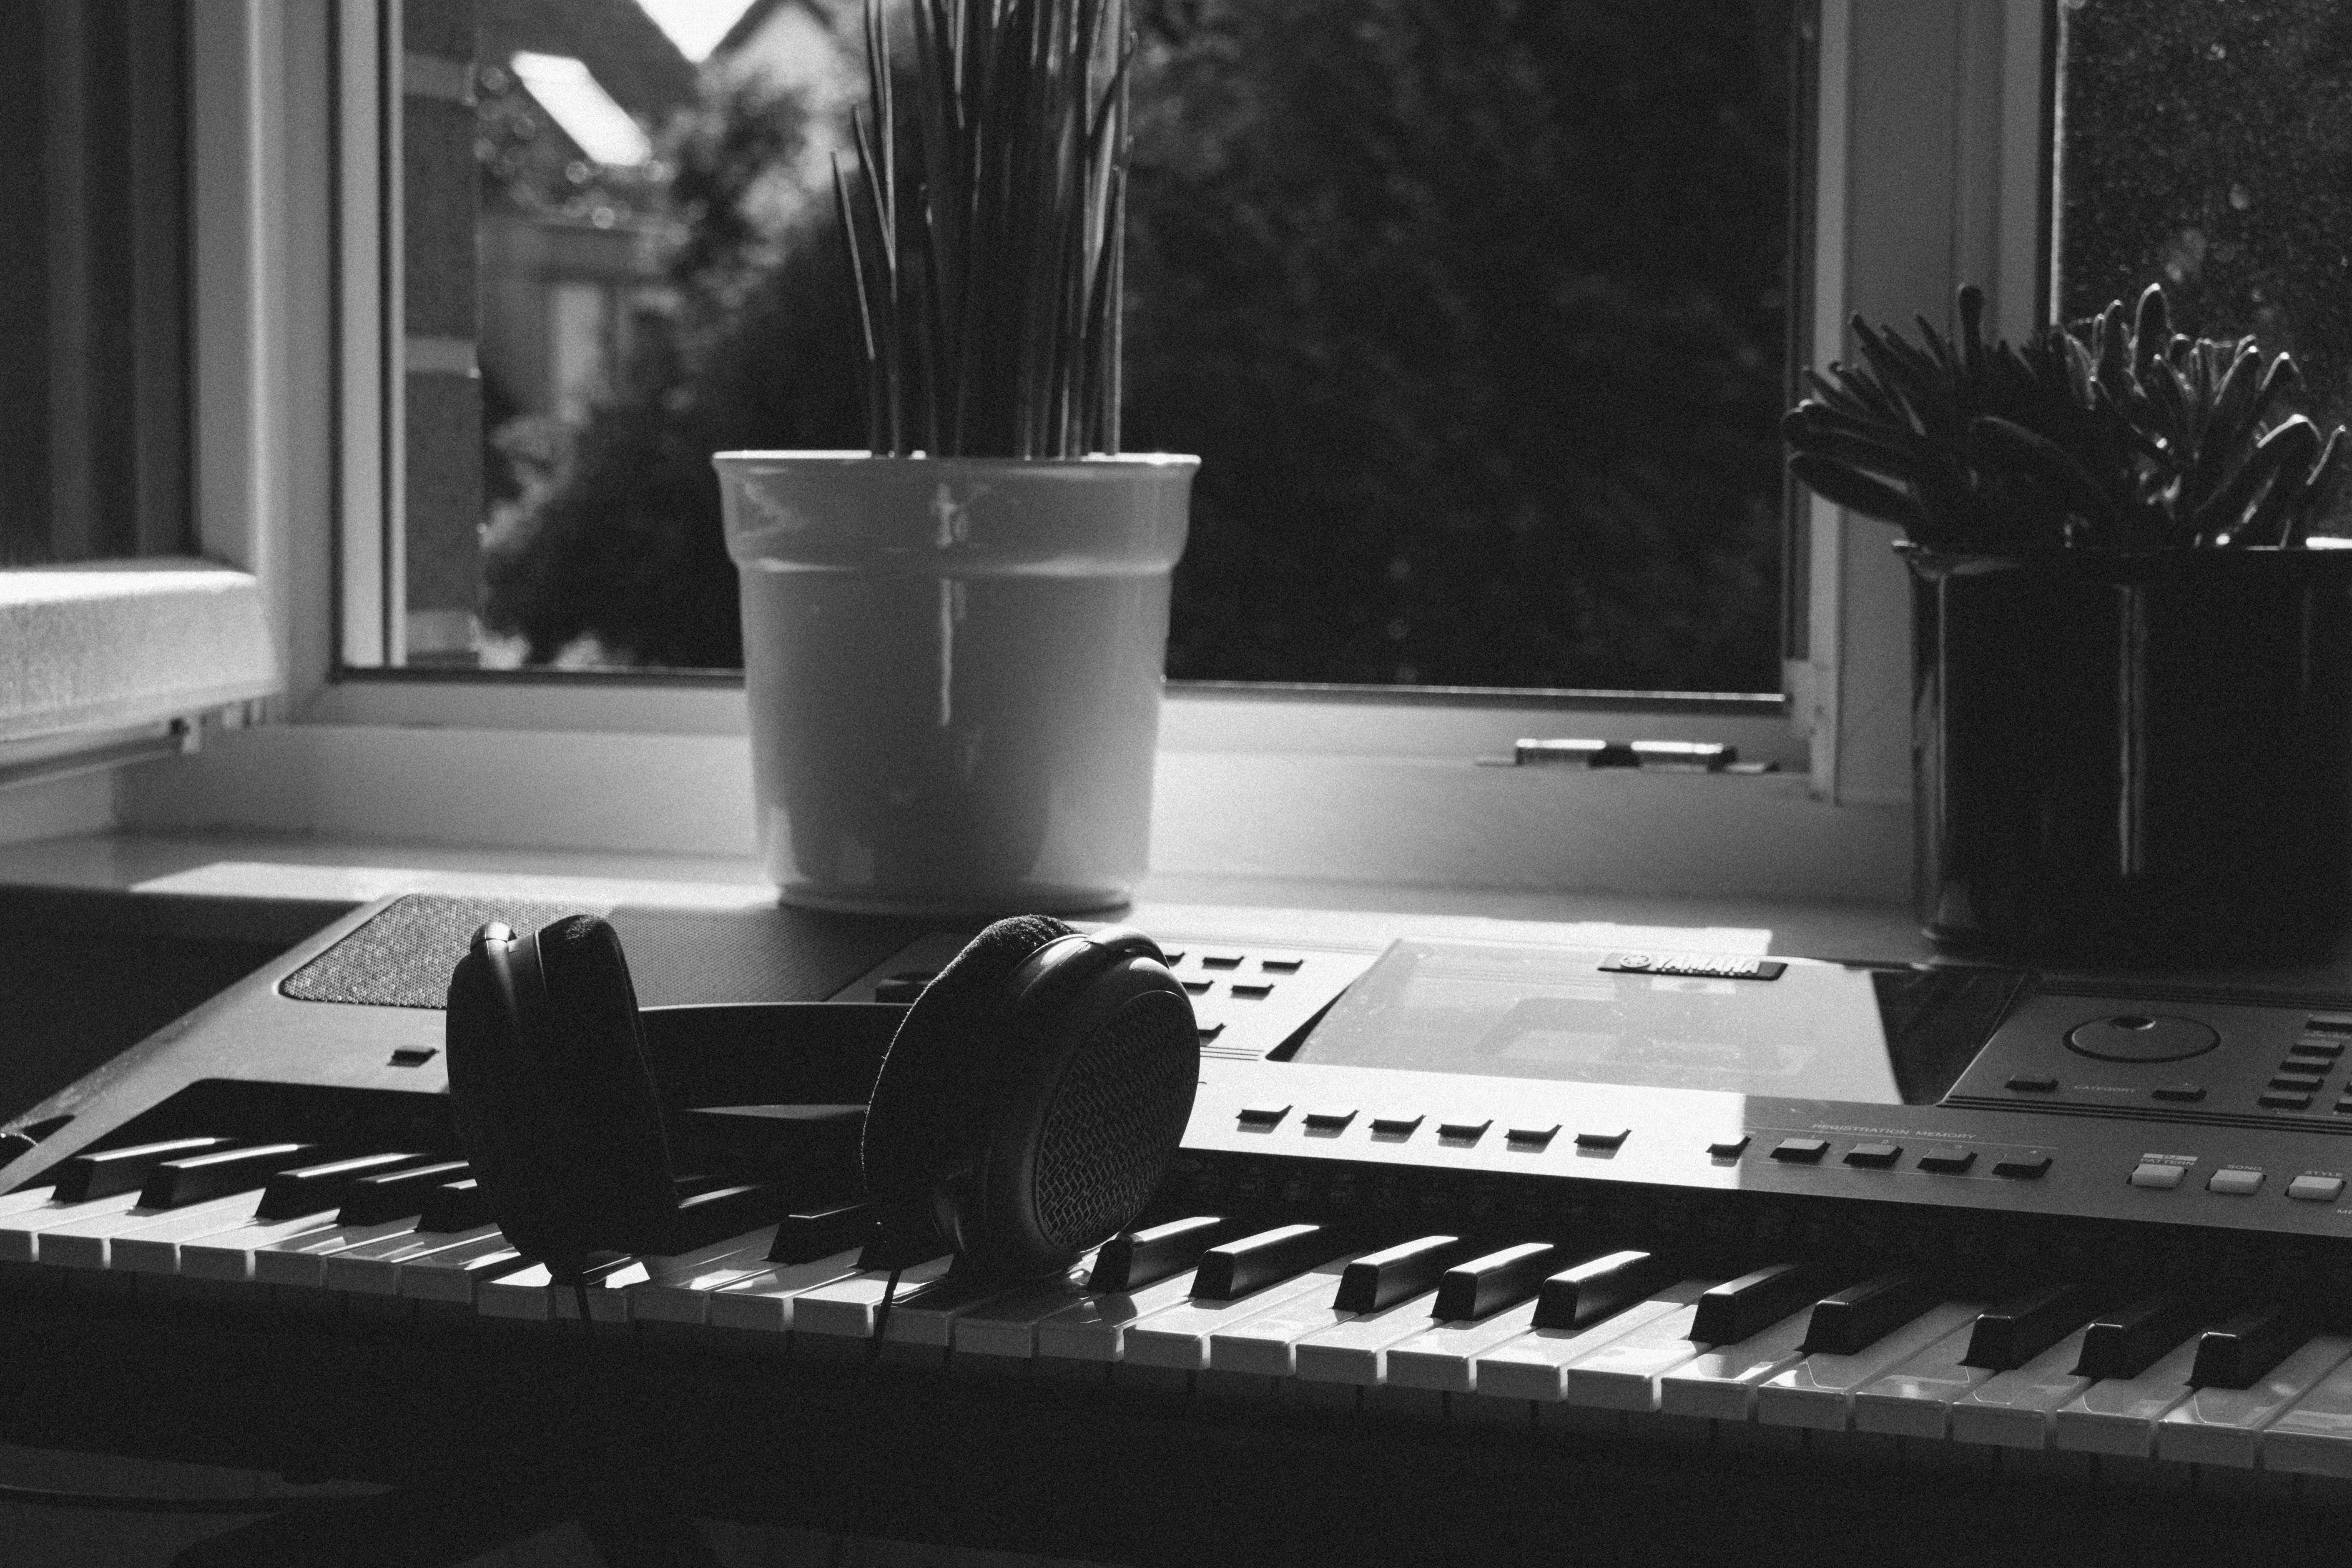 ακουστικά, ασπρόμαυρο, γλάστρες